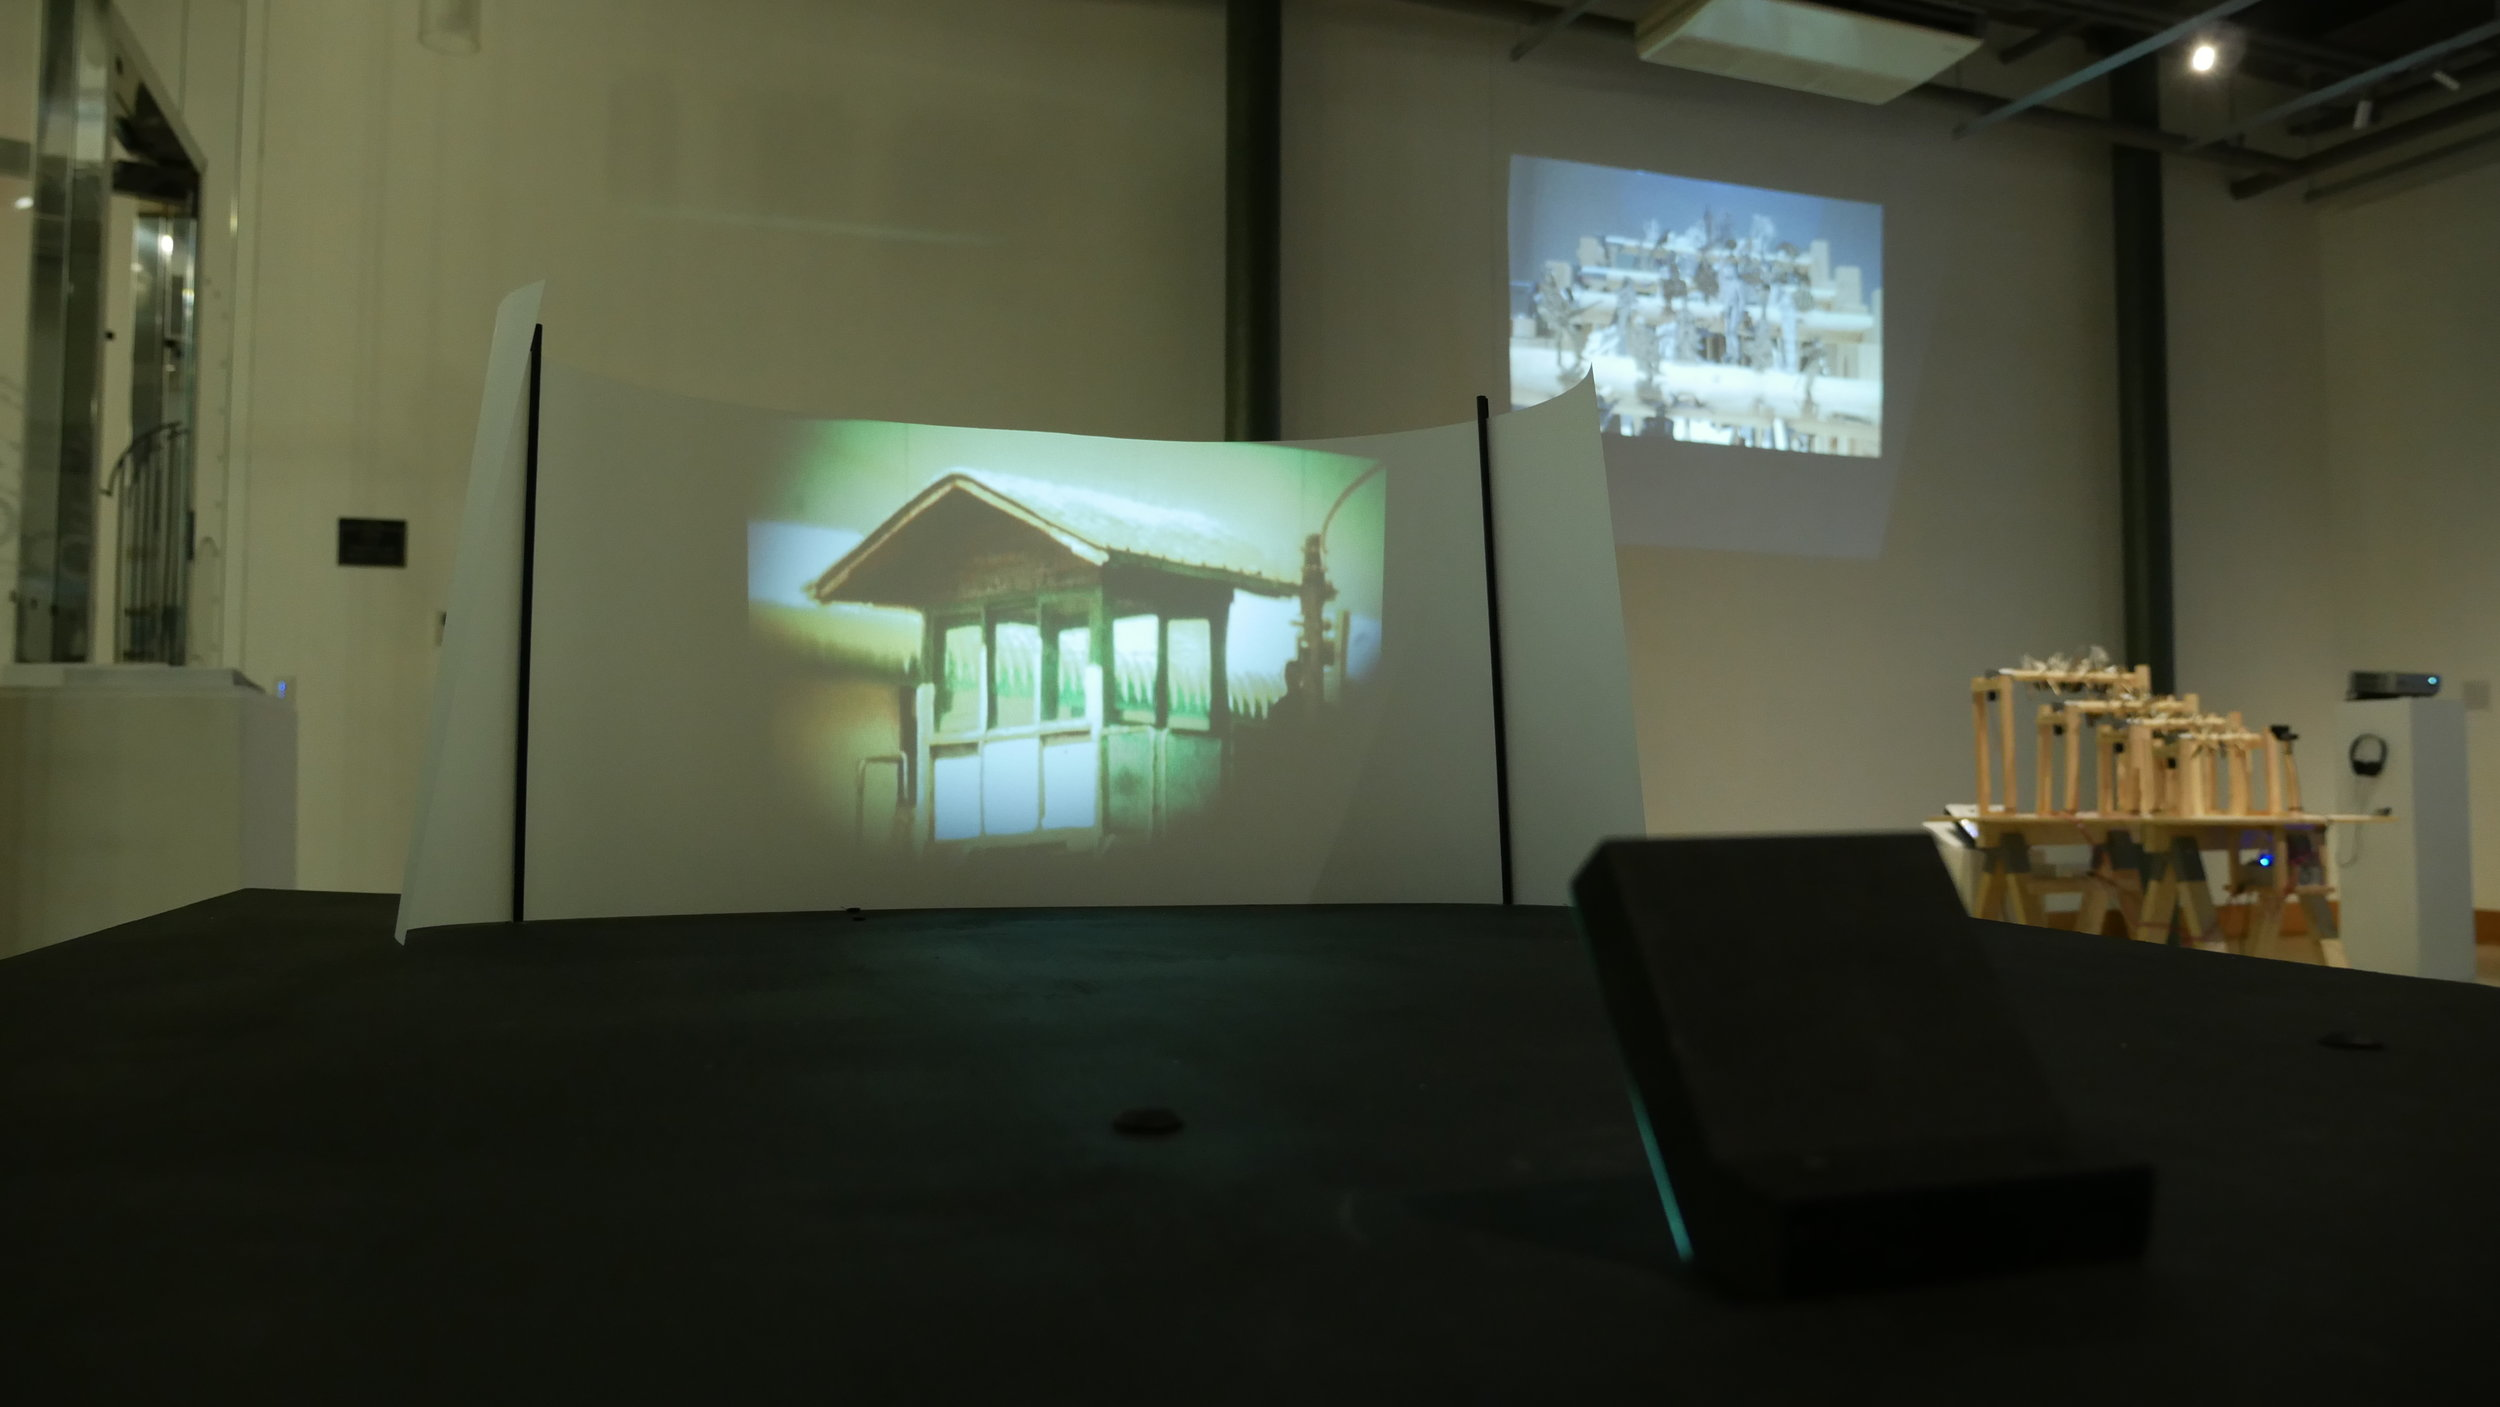 2018_Video_Exhibit_025.JPG